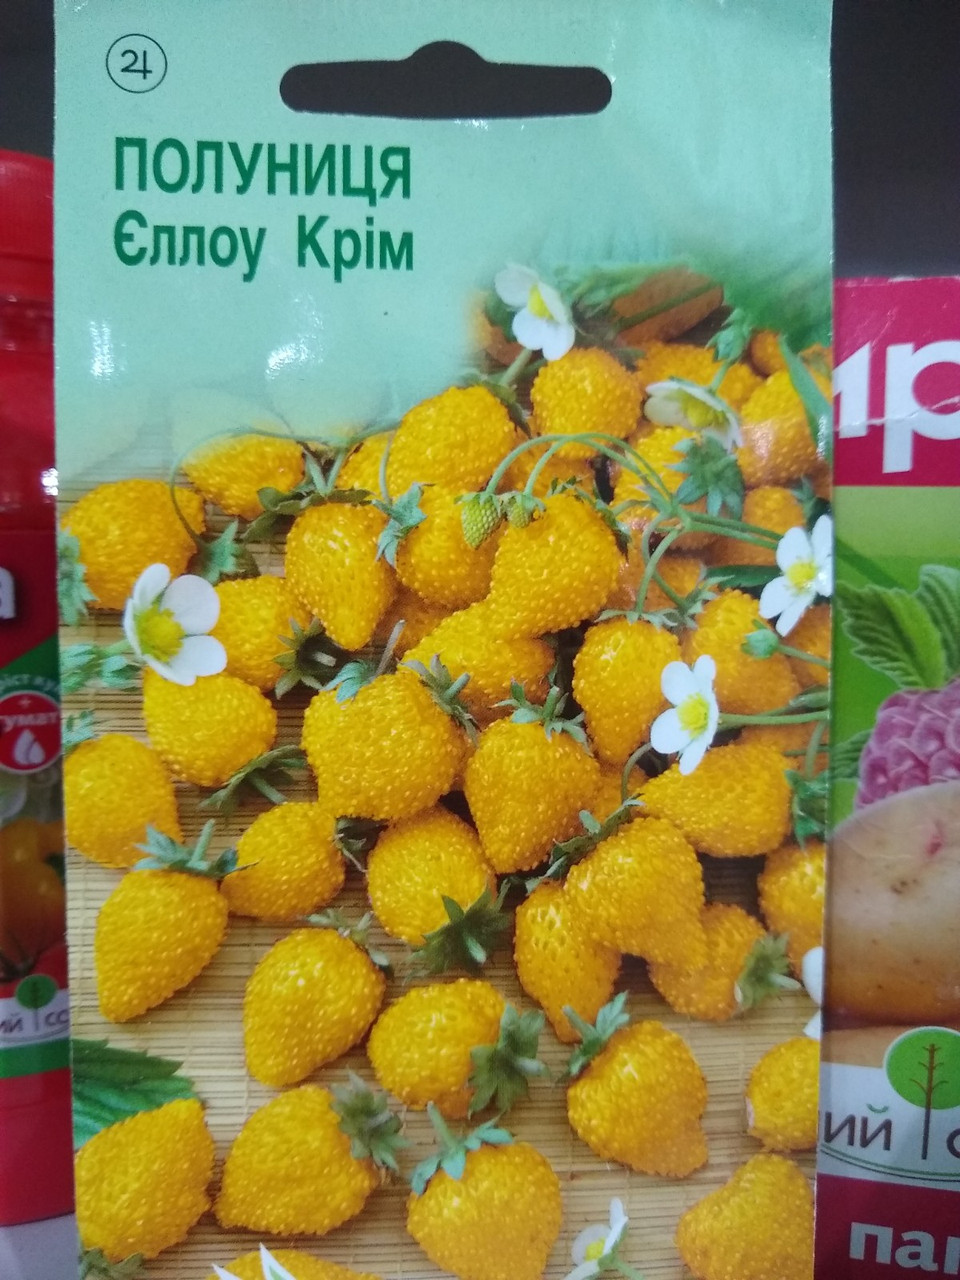 Земляника садовая Еллоу Крим 0.05 г, Fragaria Vesca